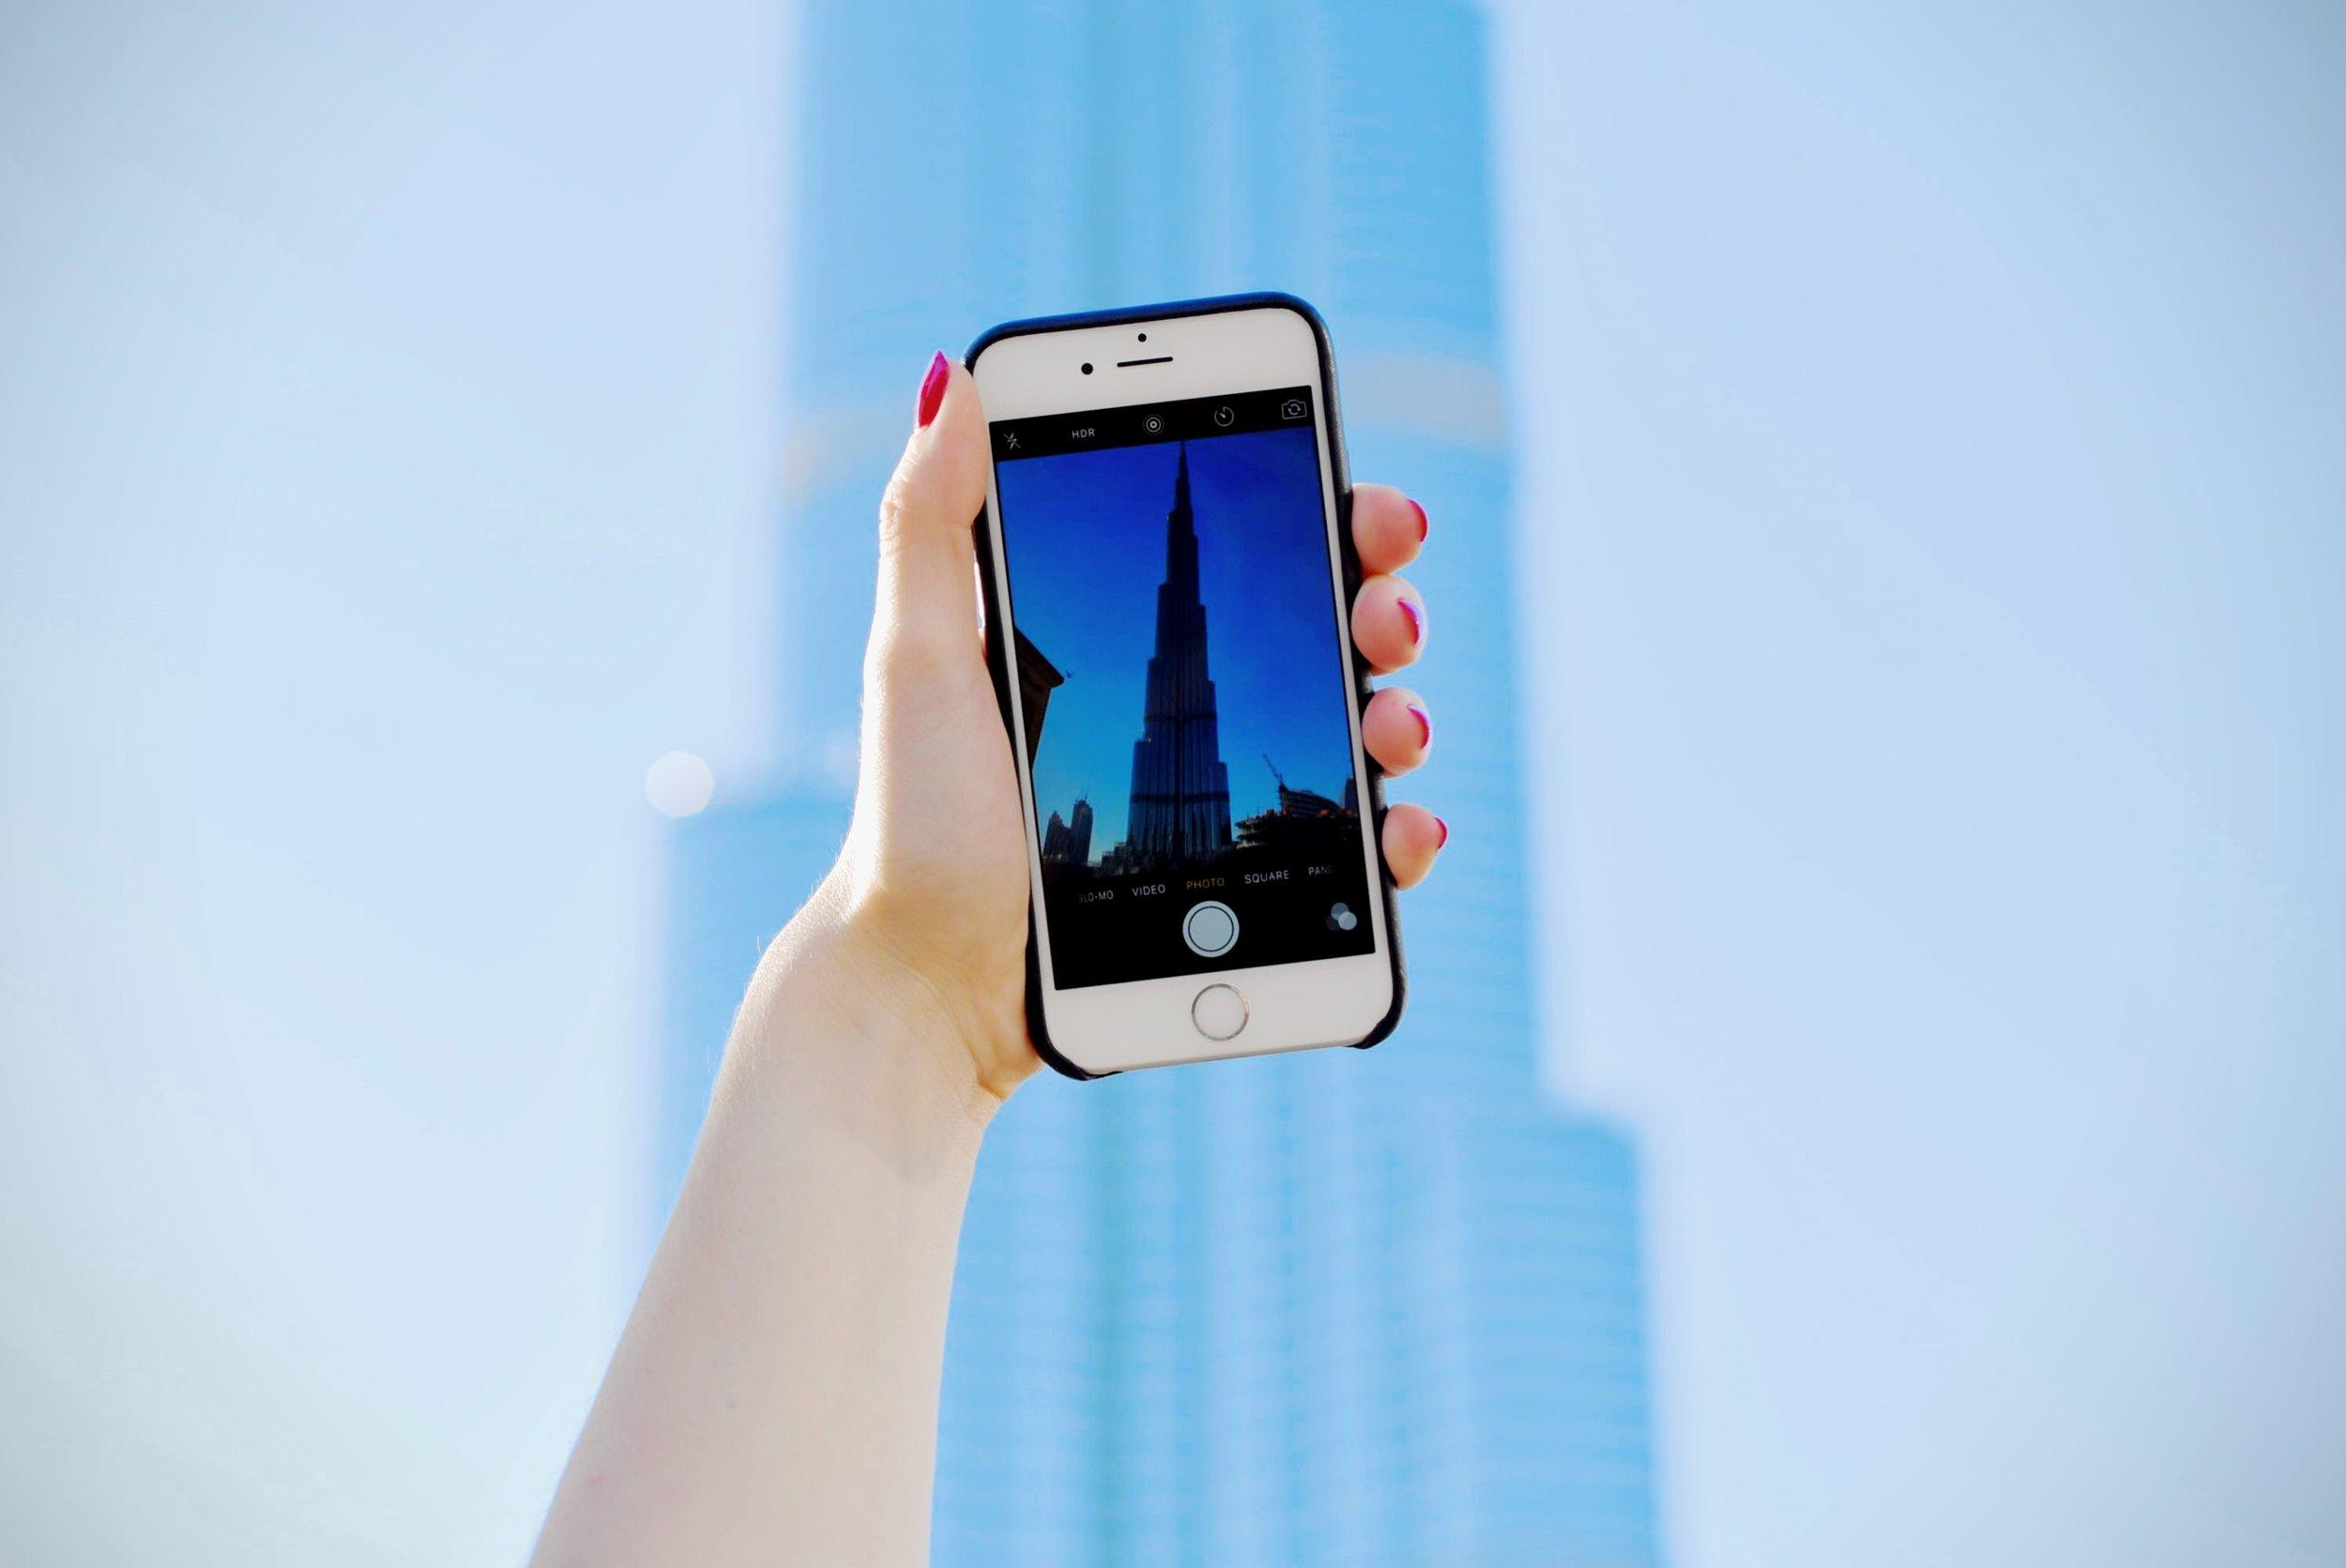 Cómo comunicarte cuando viajas - Herramientas para comunicarte cuando viajas